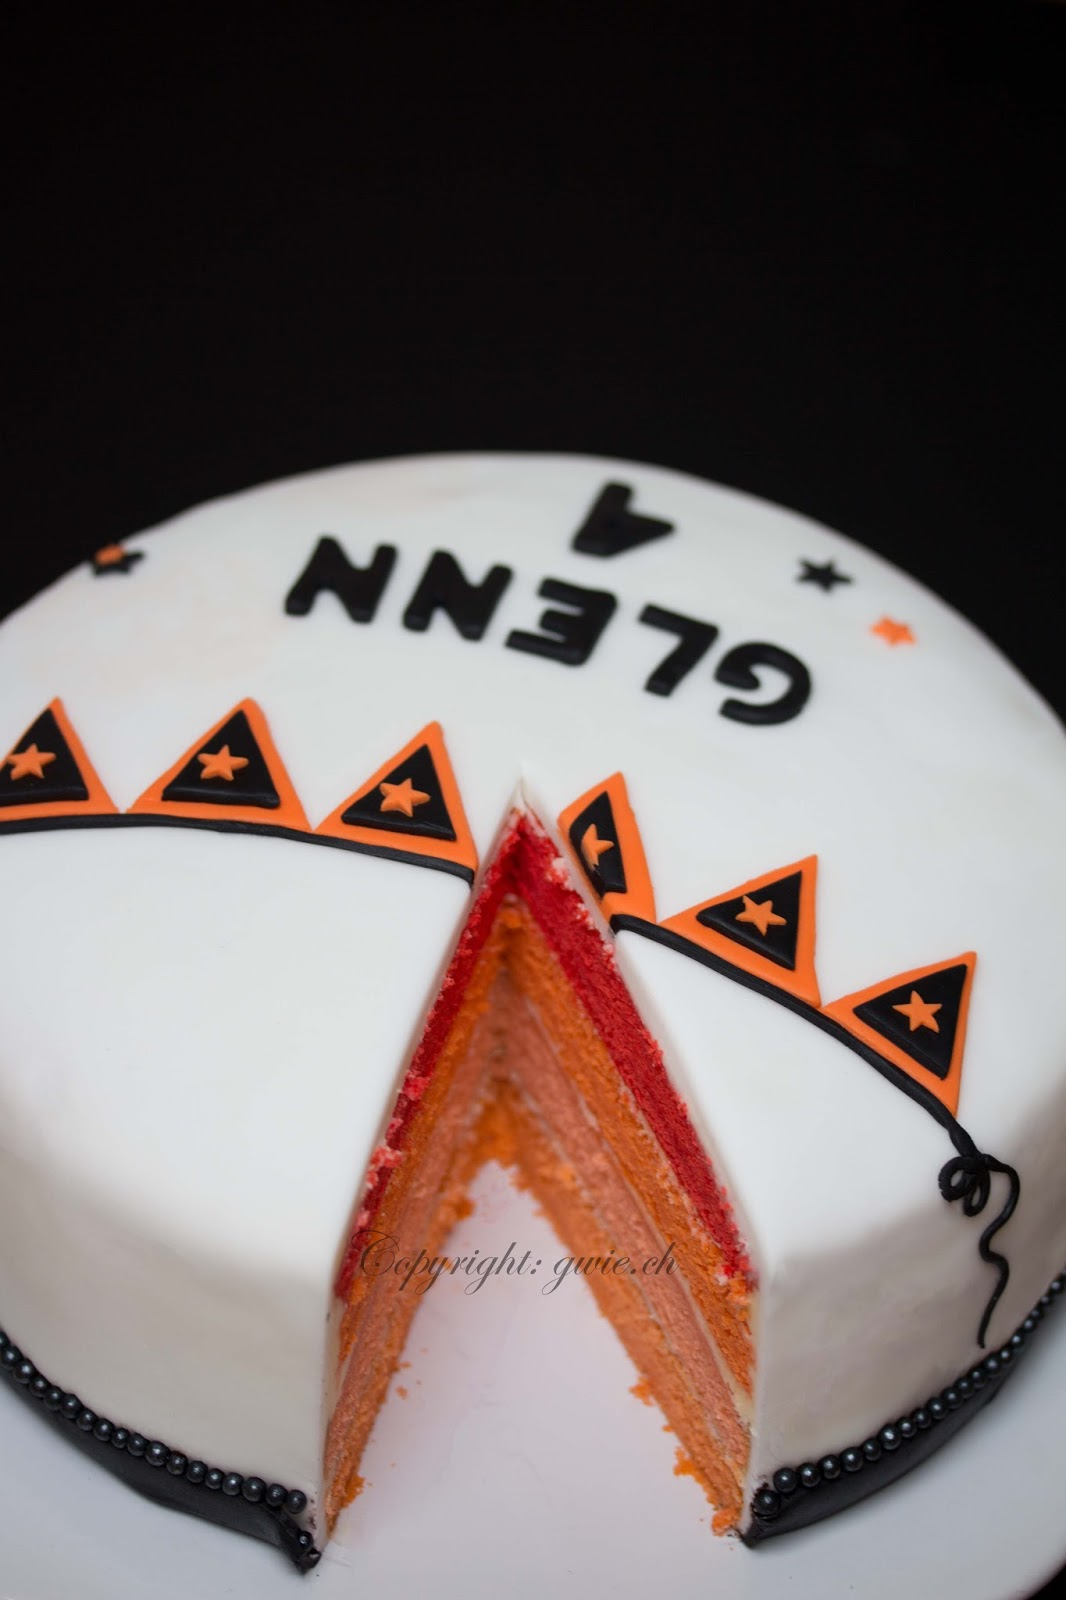 oranges velvet cake, velvet cake, fondant torte, torte mit fondant, torte zum 4. geburtstag, 4 geburtstag, glenn 4 jahre, glenn, wimpelkette aus fondant